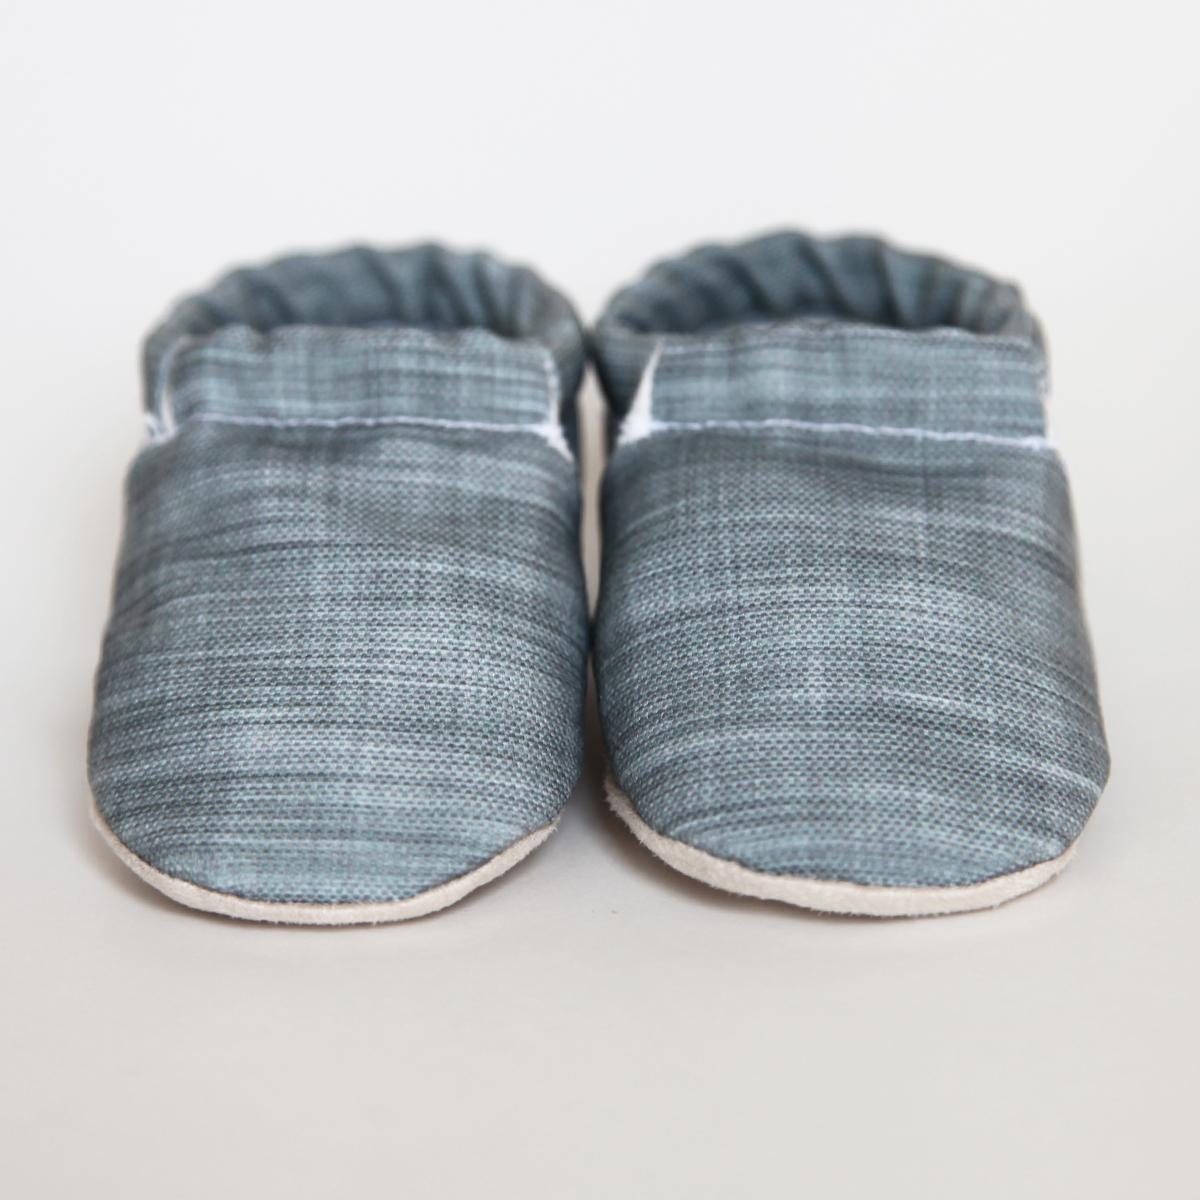 Organic soft soled baby shoes LANDON